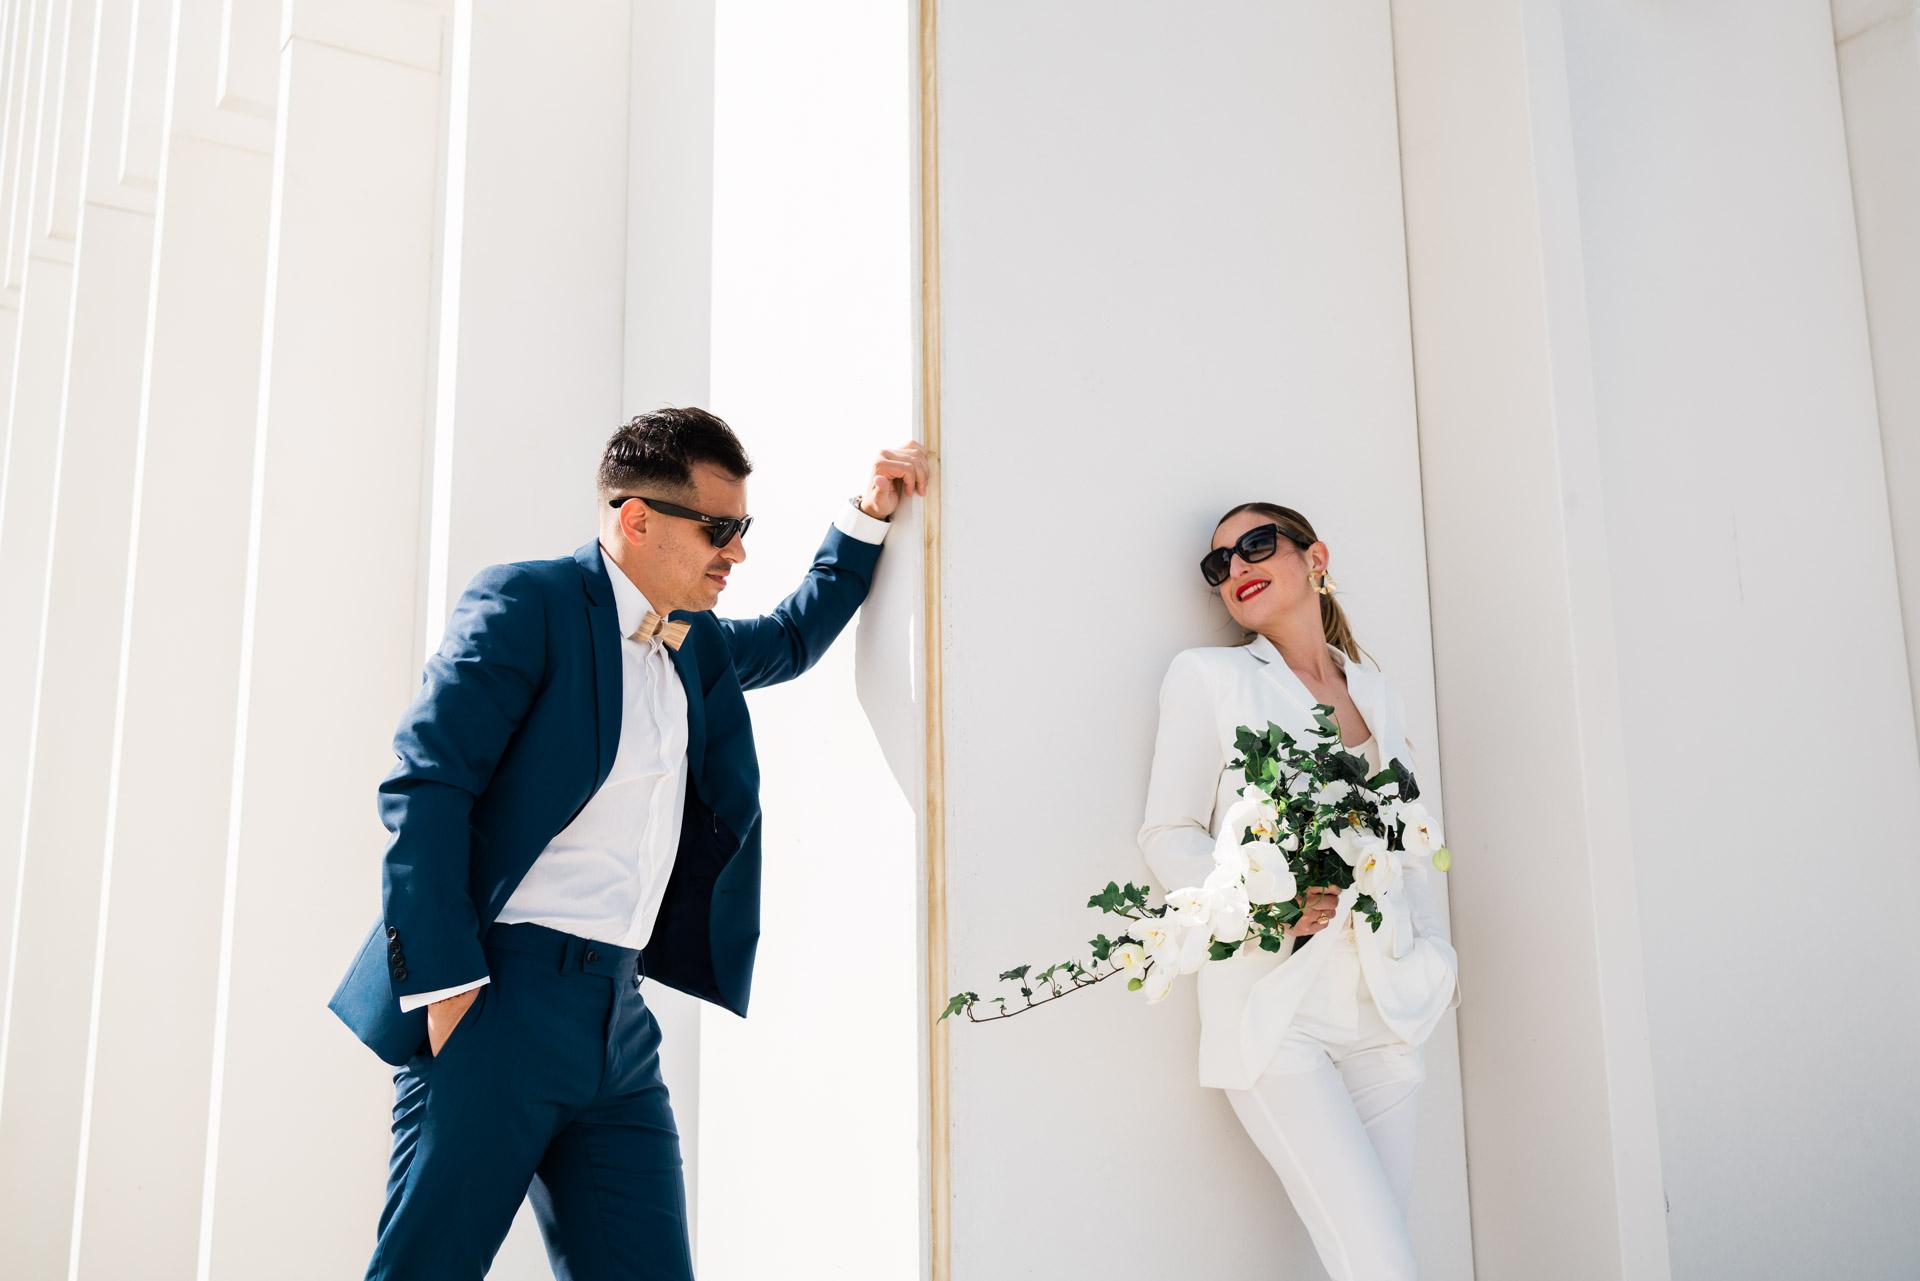 Mariage civil à Muret